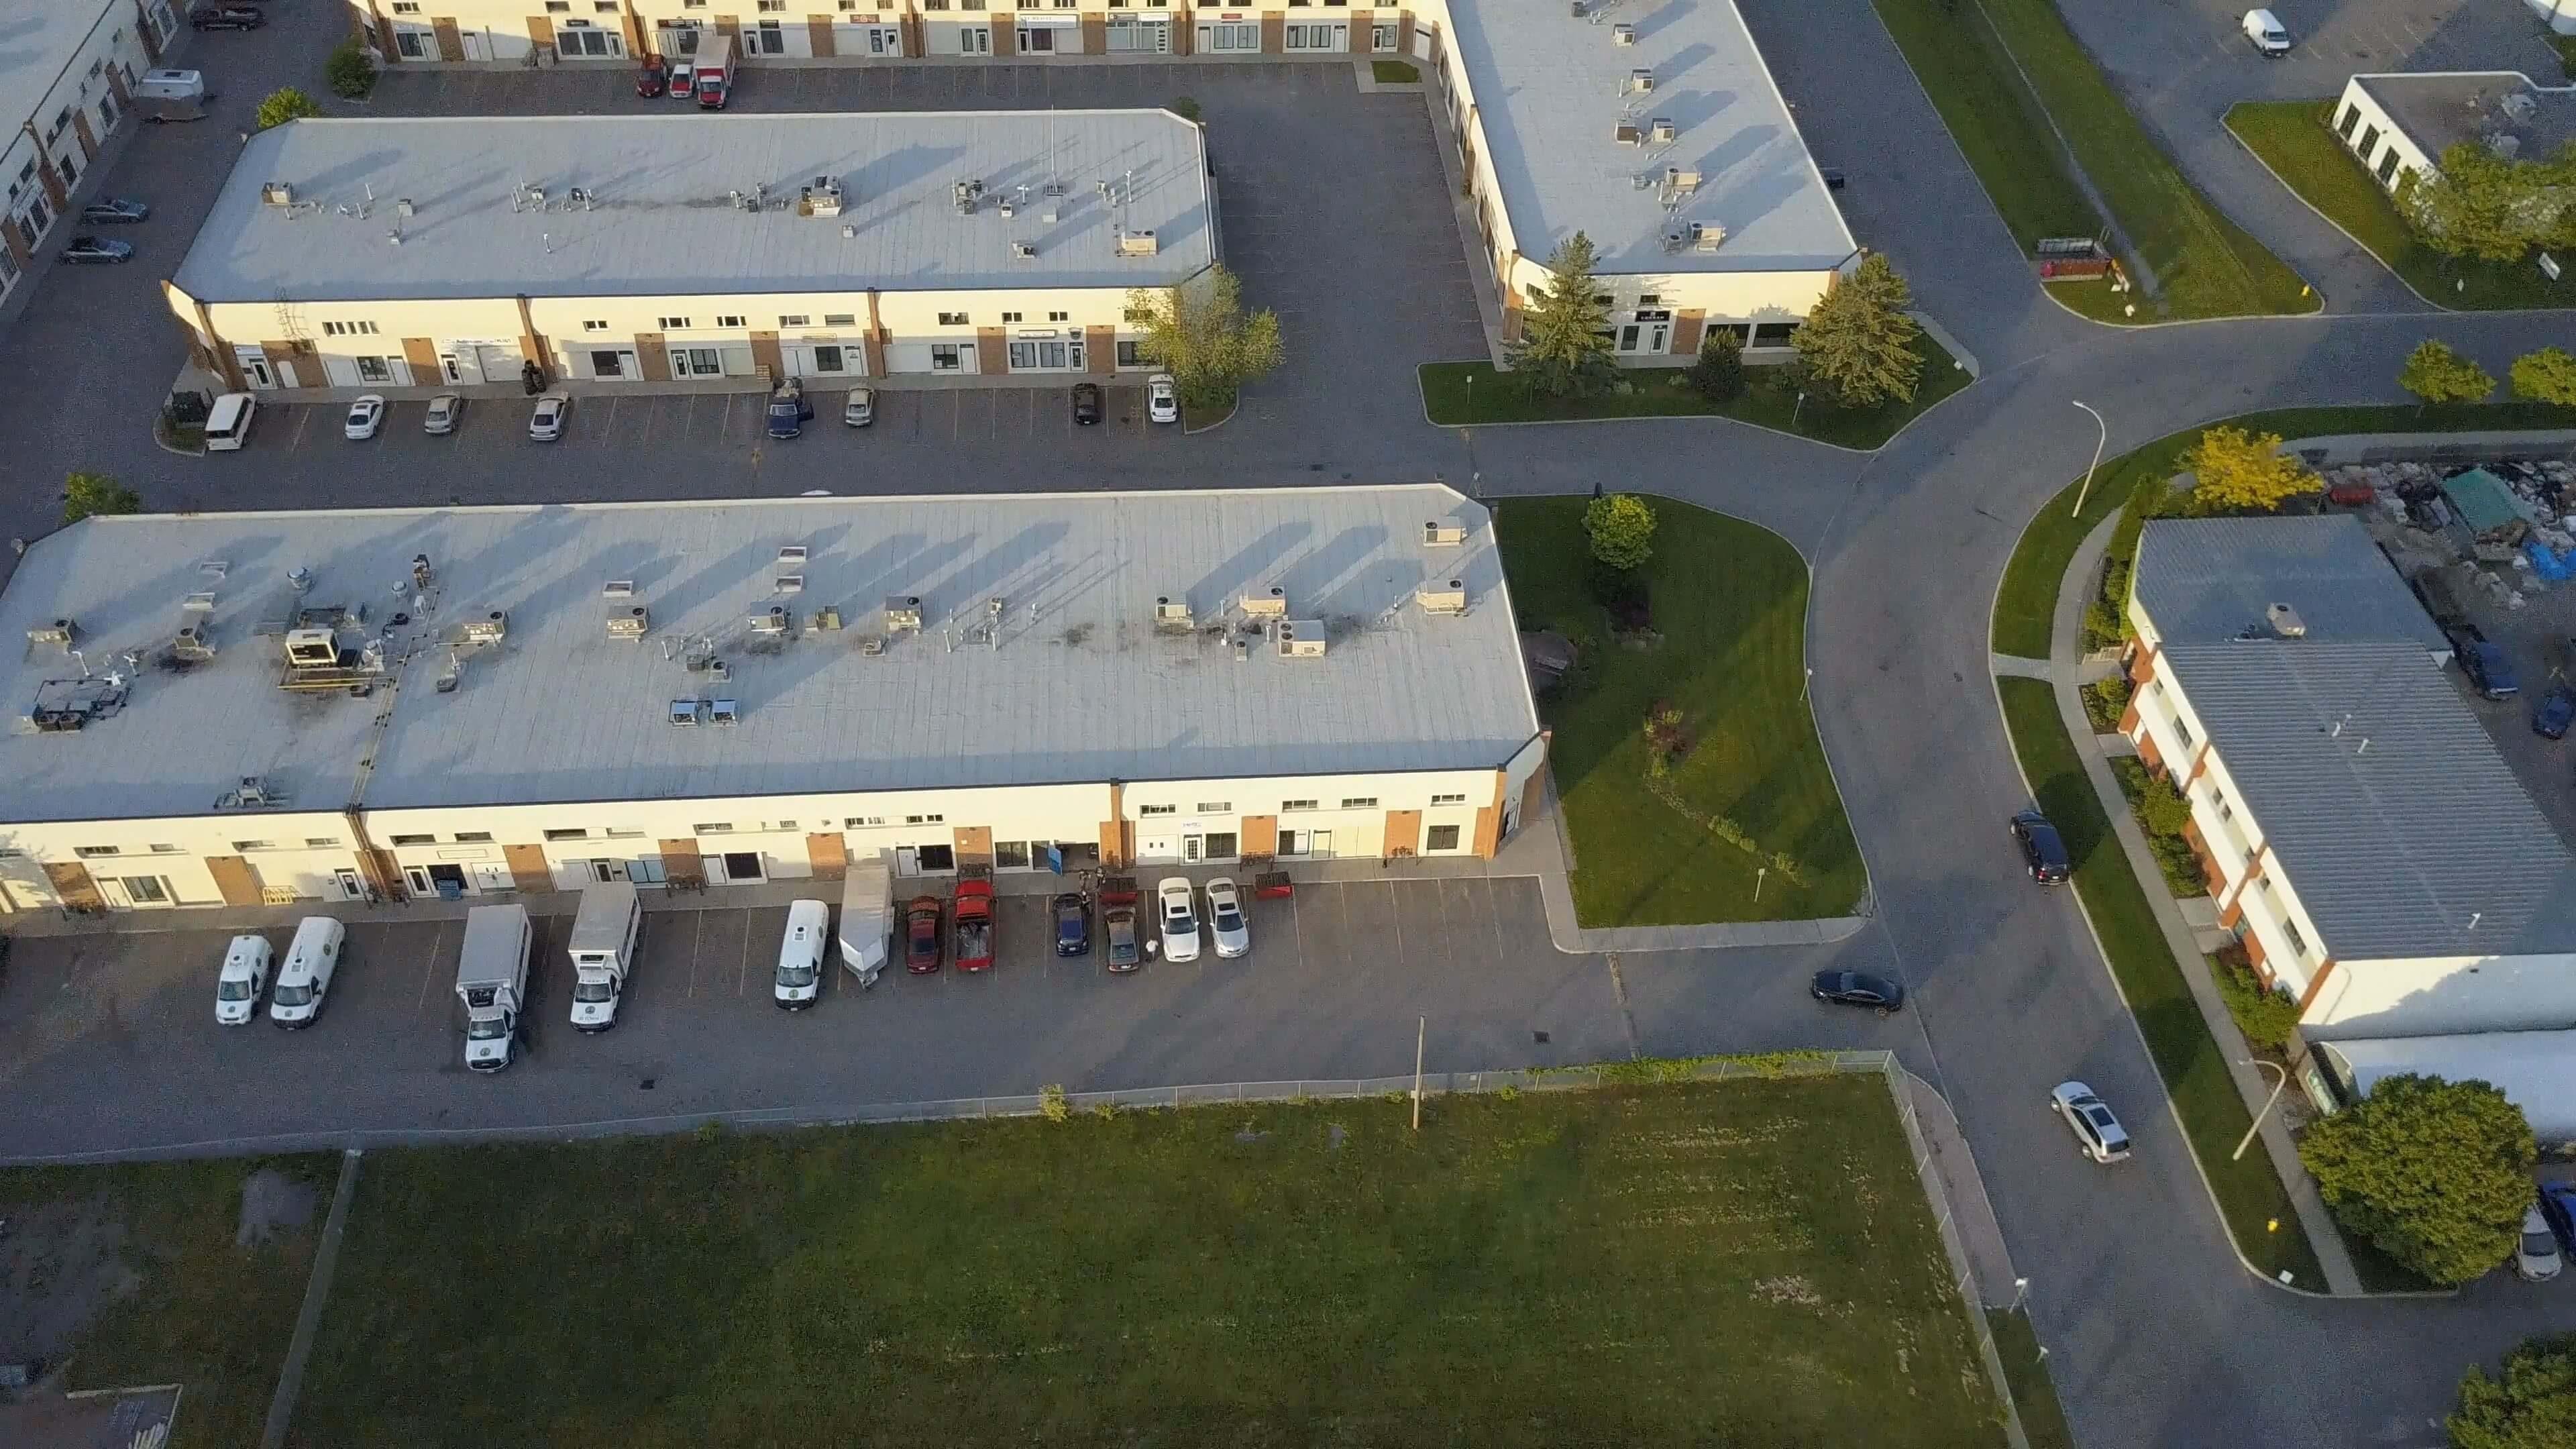 drone13 3840x2160 - Havadan Drone Fotoğraf ve Video Çekimi